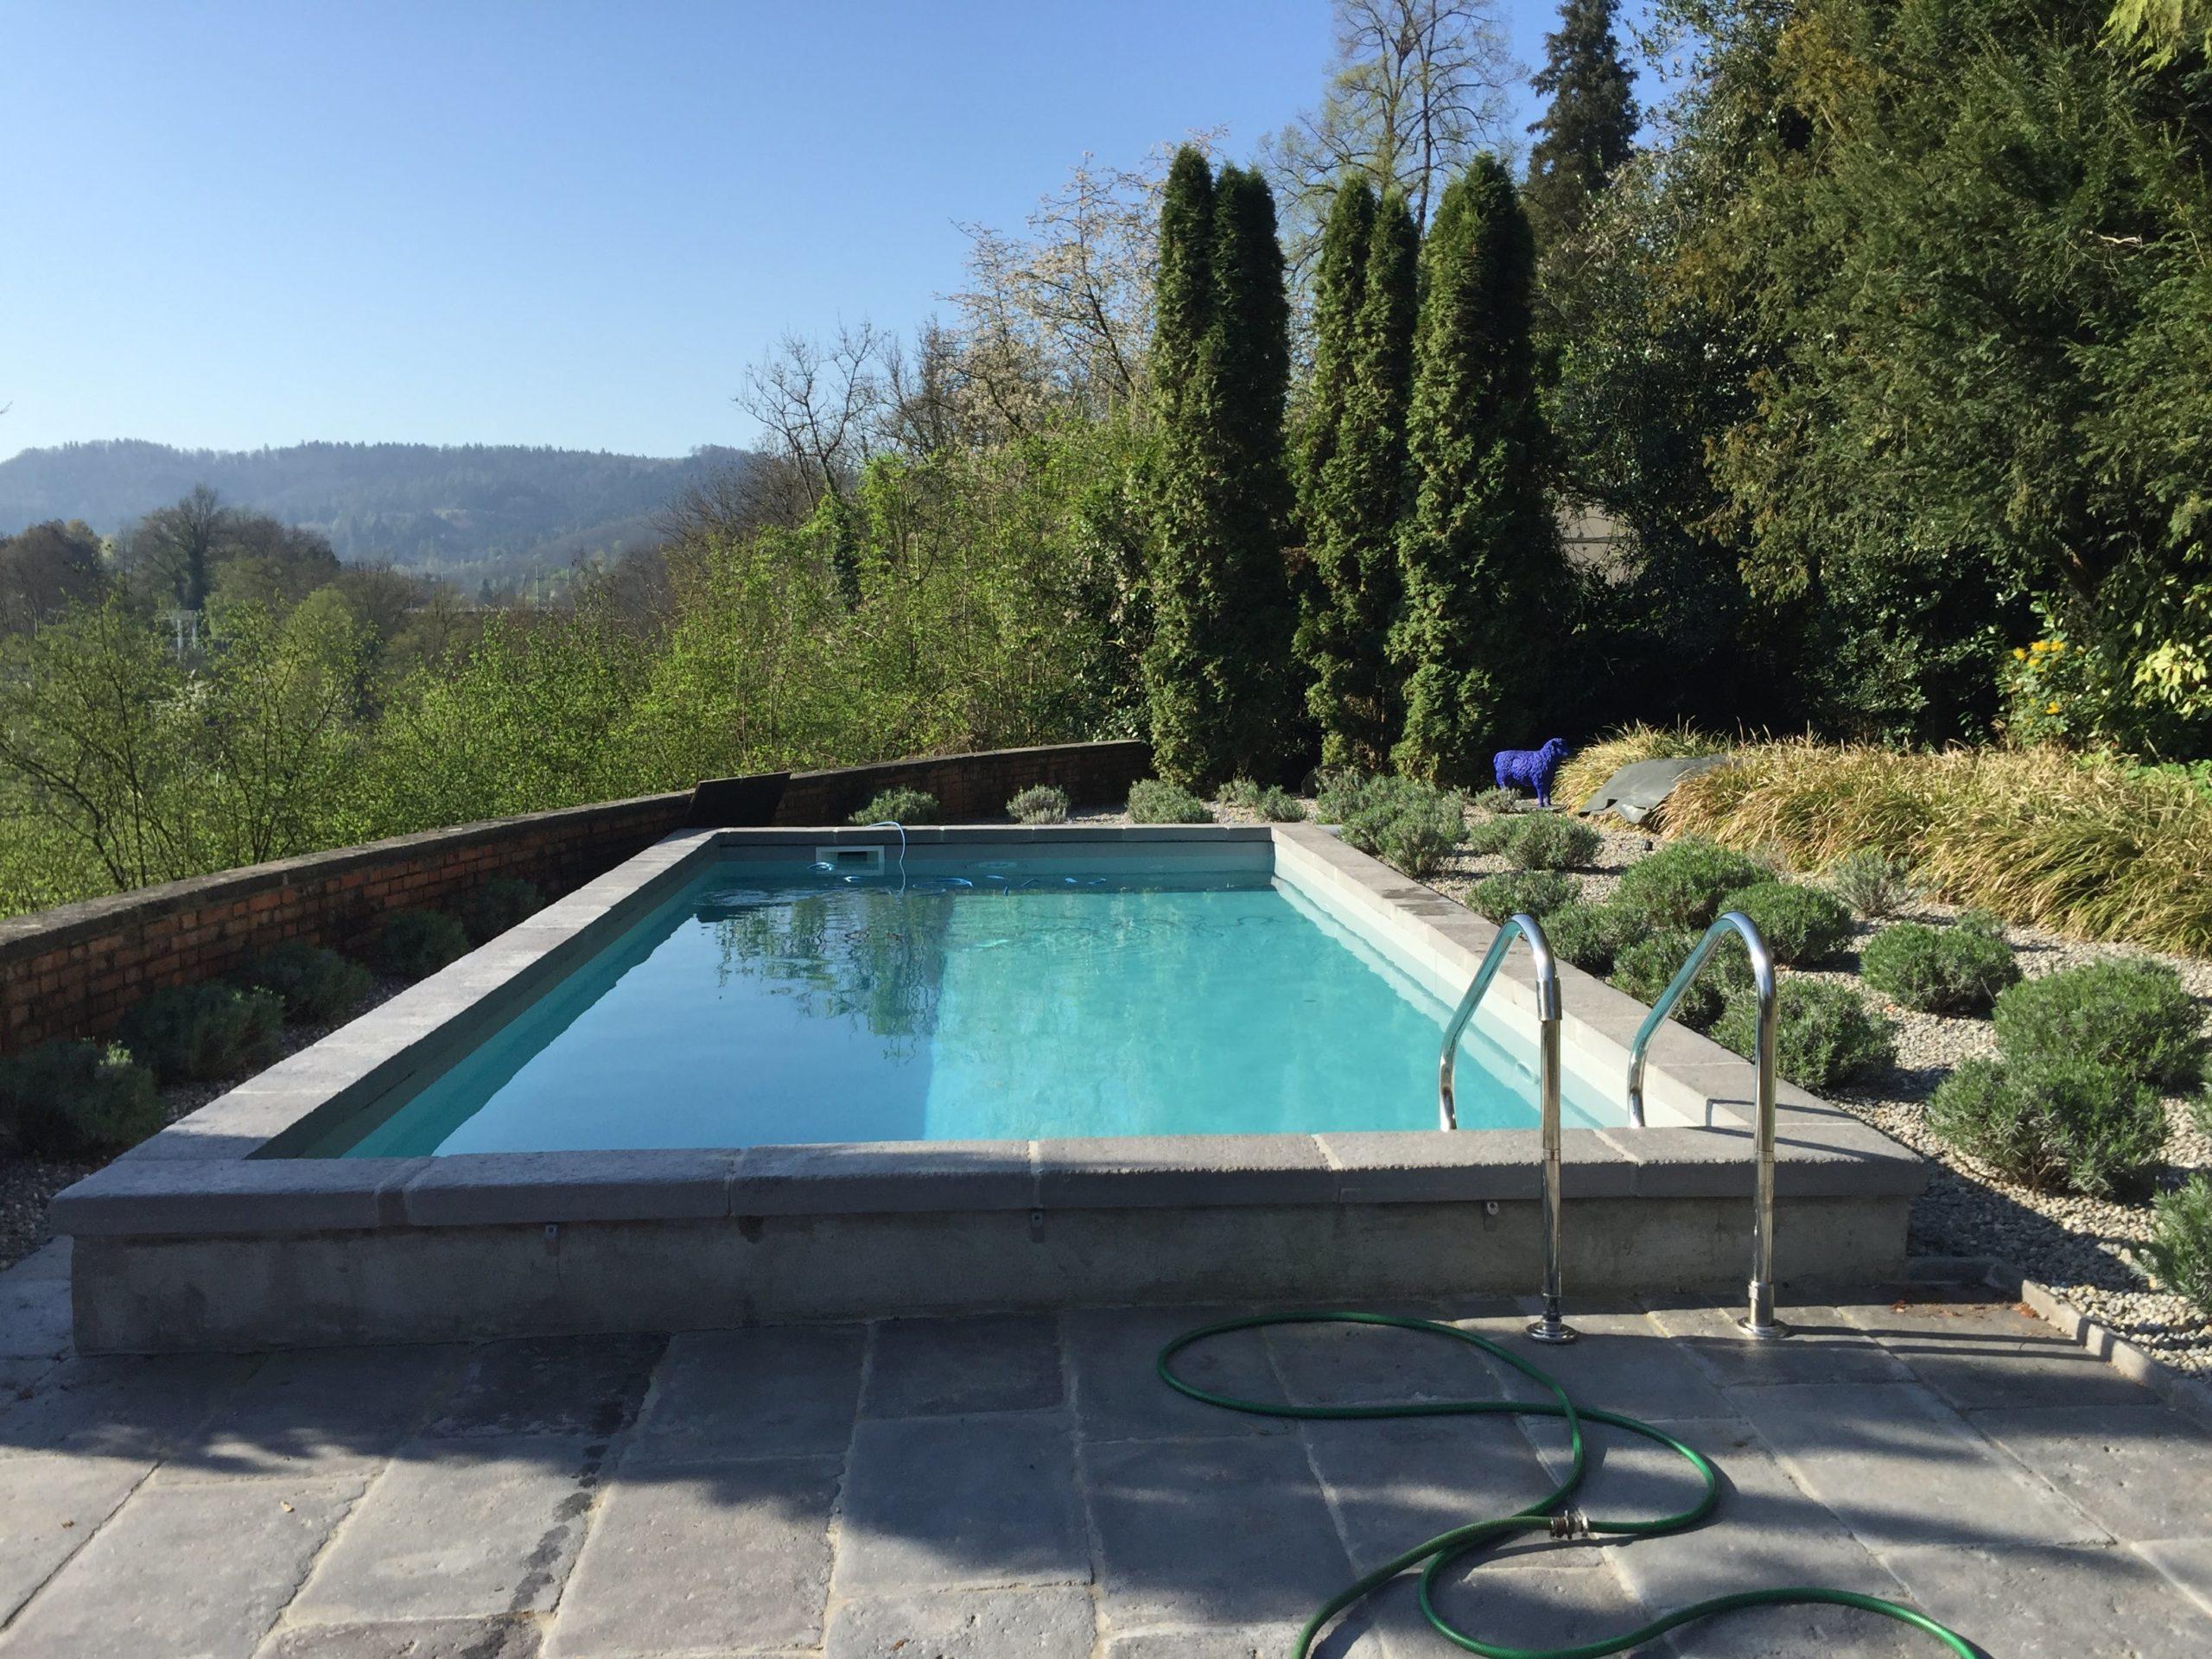 Piscine-margelle-carrelage-gris-Suisse